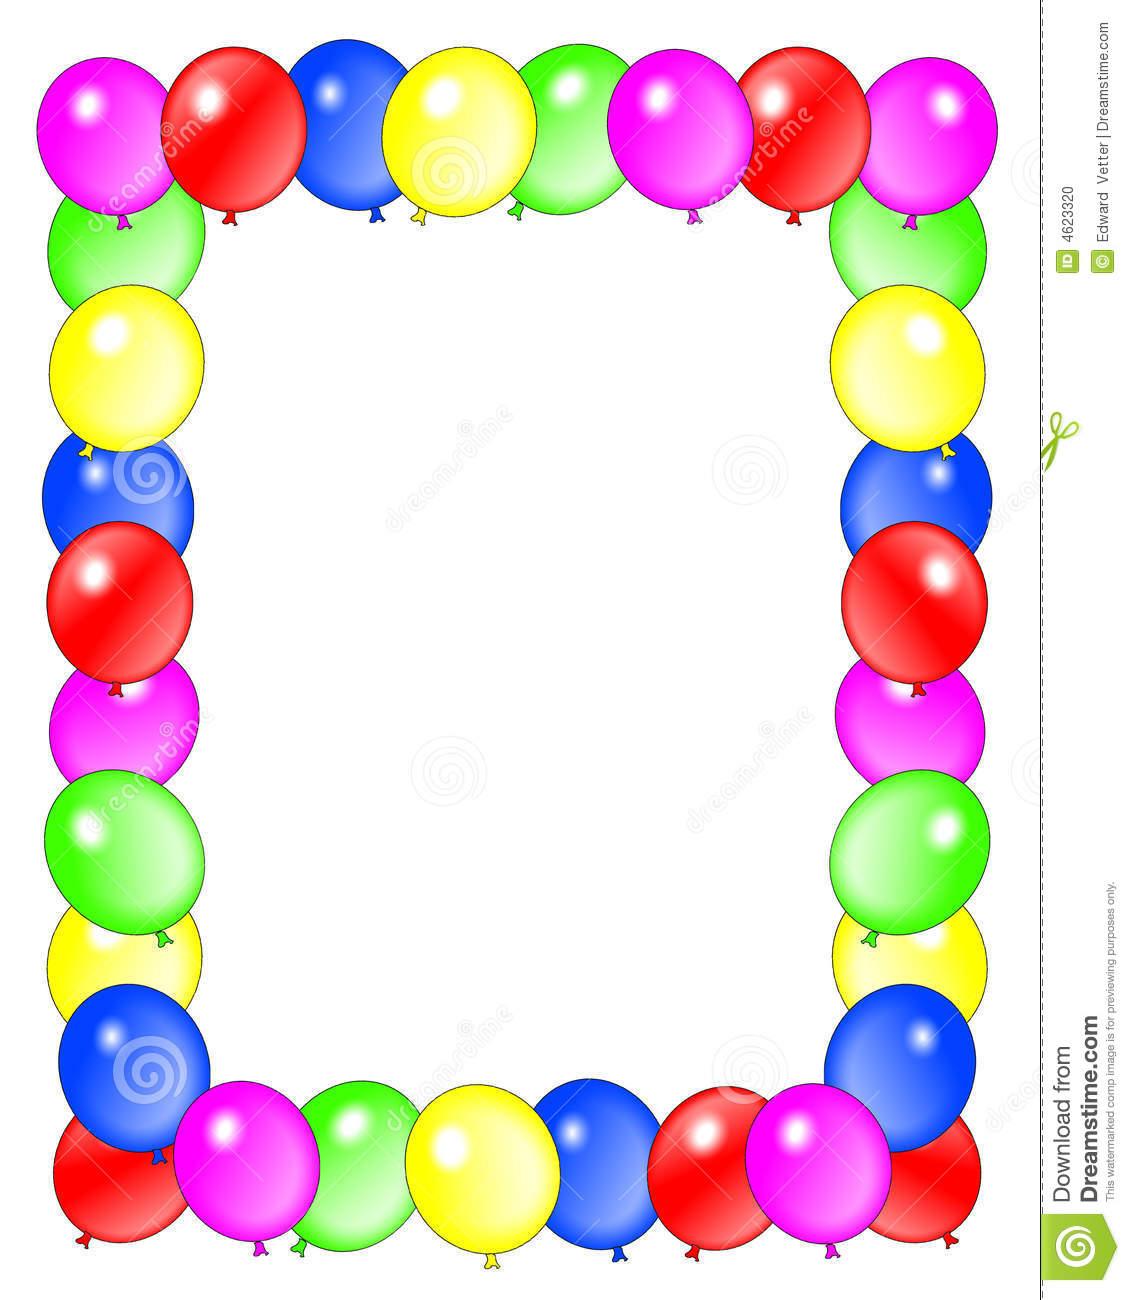 birthday-clip-art-borders-bir - Birthday Border Clip Art